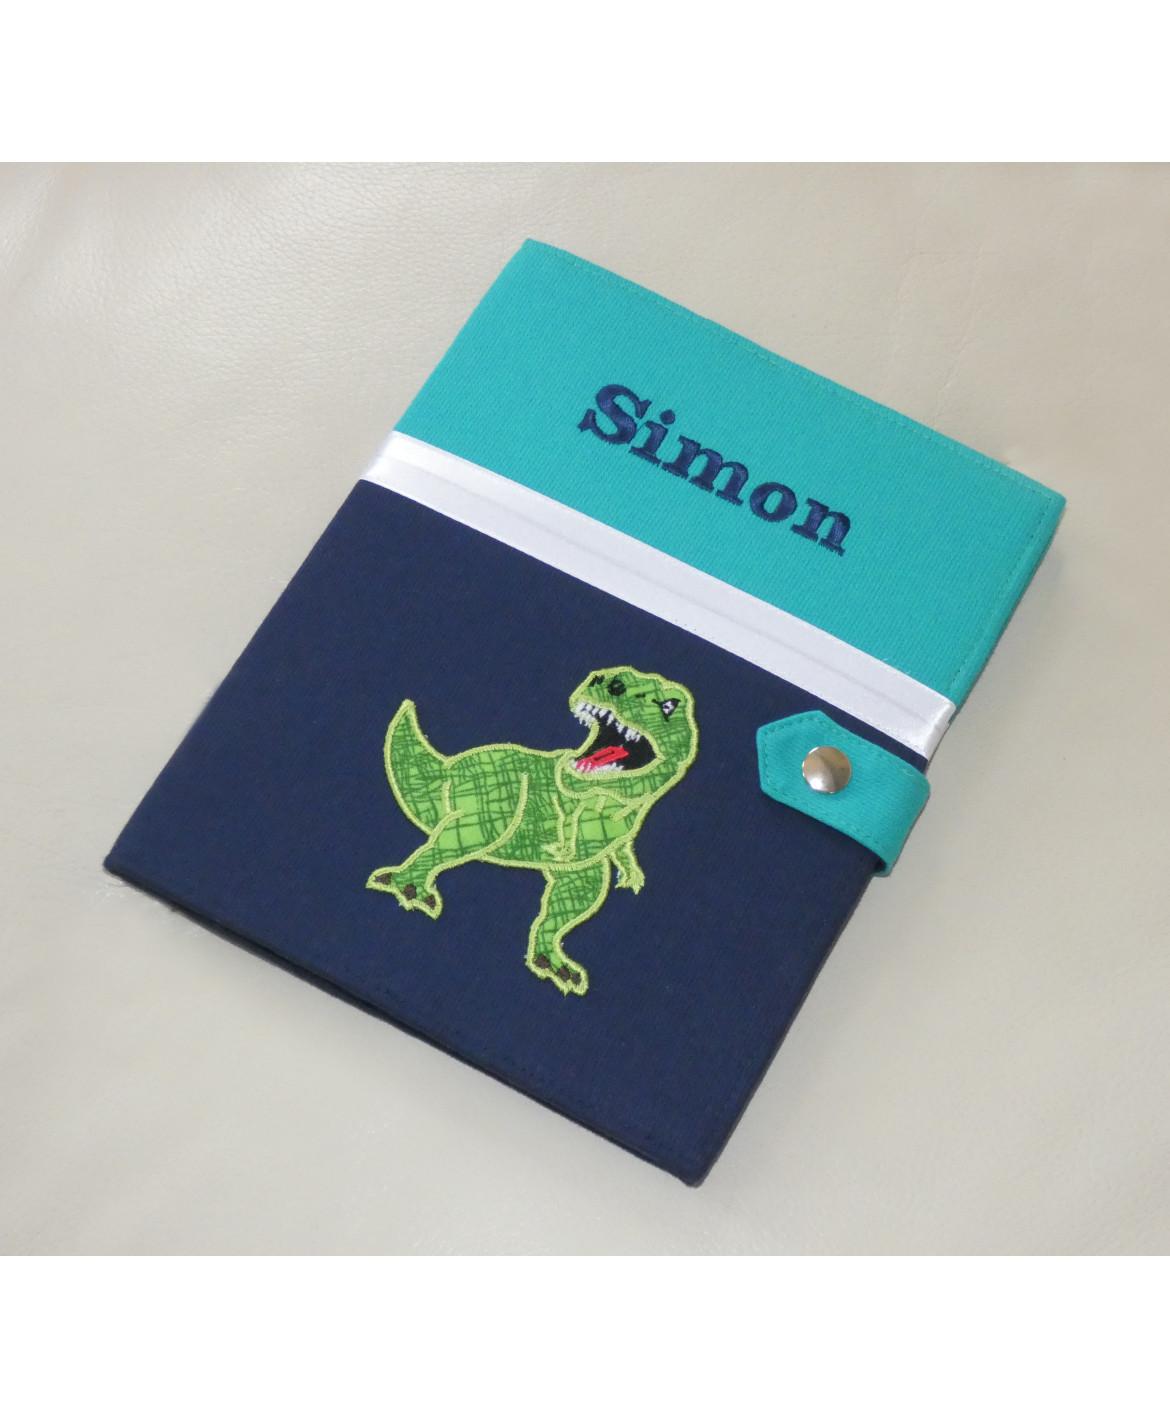 Protège carnet de santé rigide personnalisé - vert et bleu - thème dinosaure - Cadeau de naissance garçon